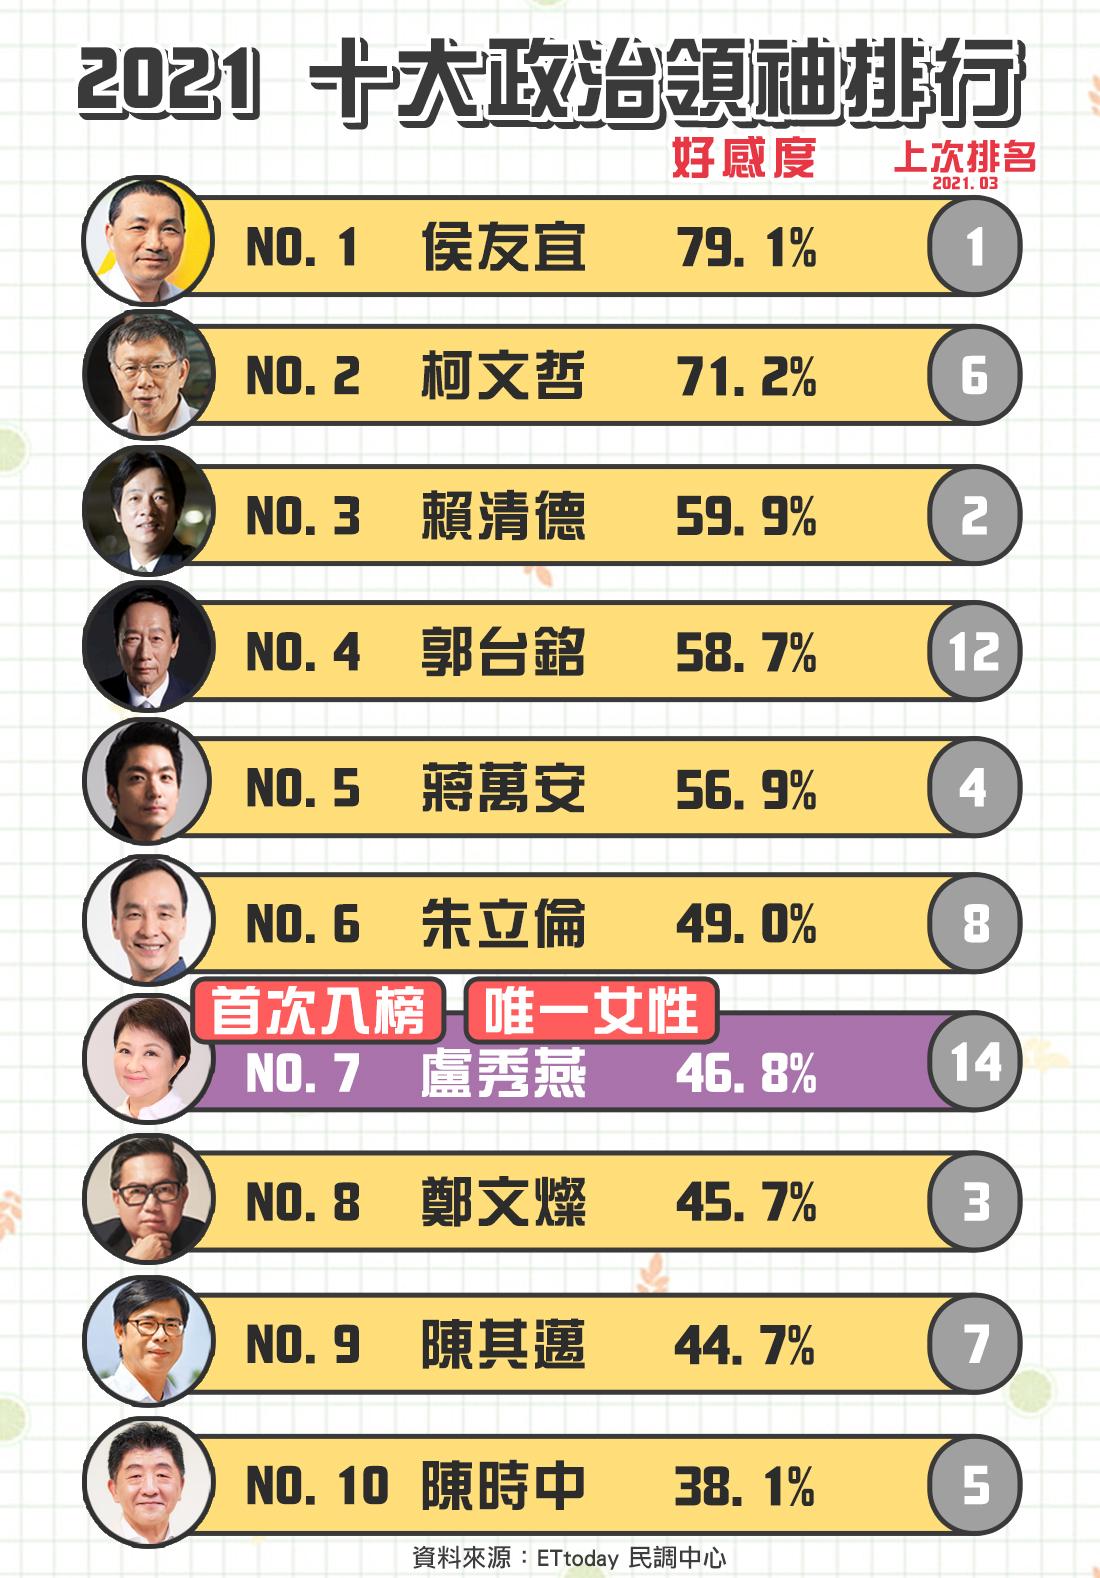 ETtoday「2021十大政治領袖」排行榜,透過簡訊民調了解民眾對於政治人物的好感度。